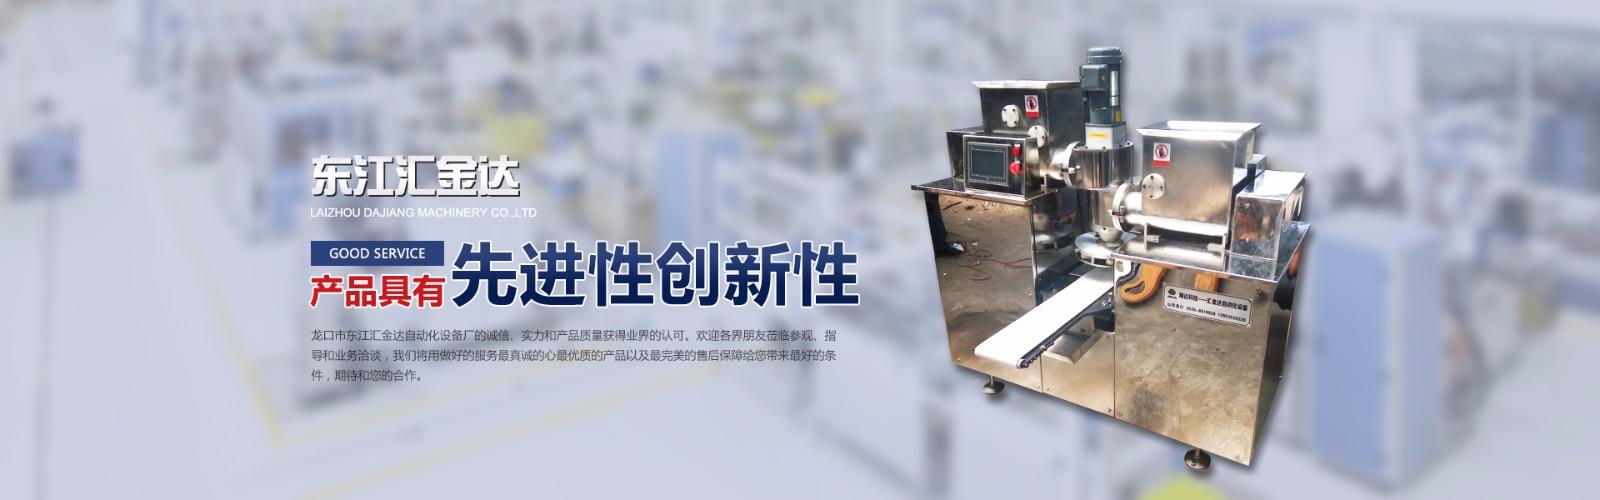 龙口市汇金达智能设备有限公司